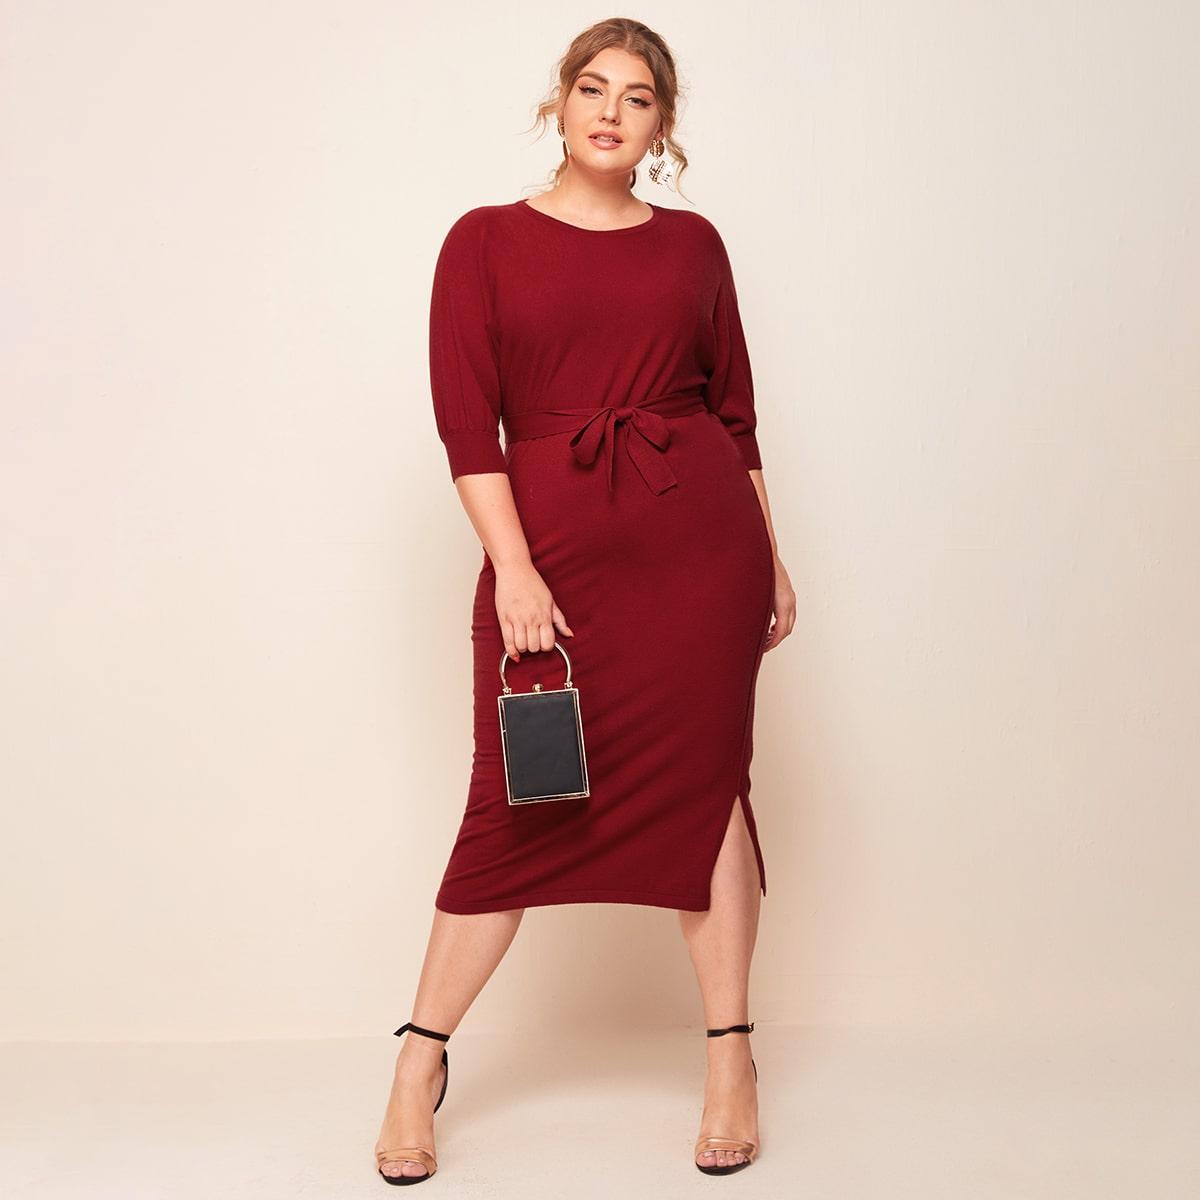 Платье-свитер размера плюс с разрезом и поясом